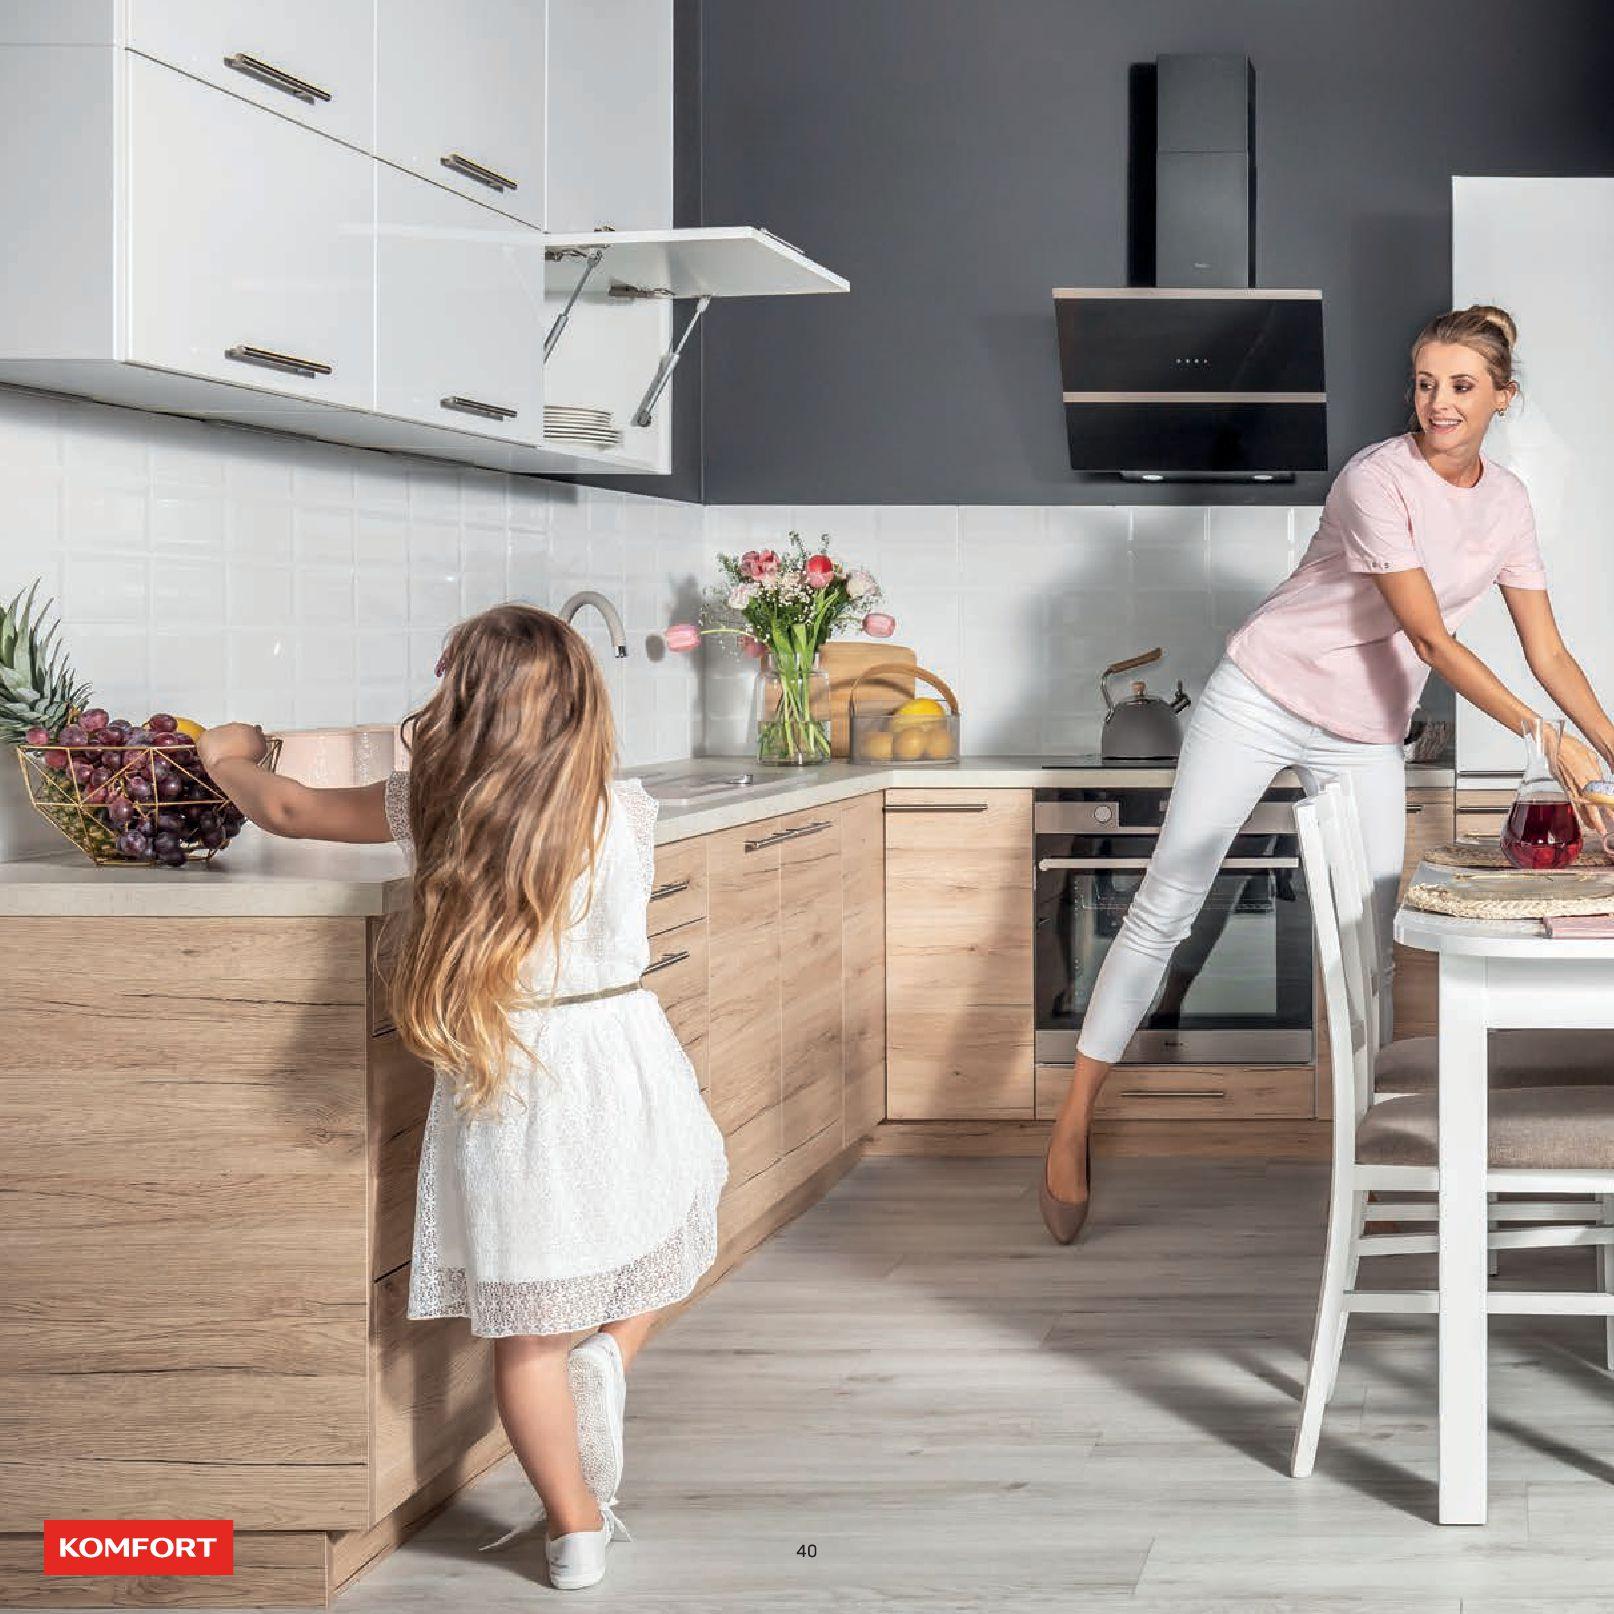 Gazetka Komfort: Gazetka Komfort - Katalog Kuchnie 2021 2021-06-16 page-42